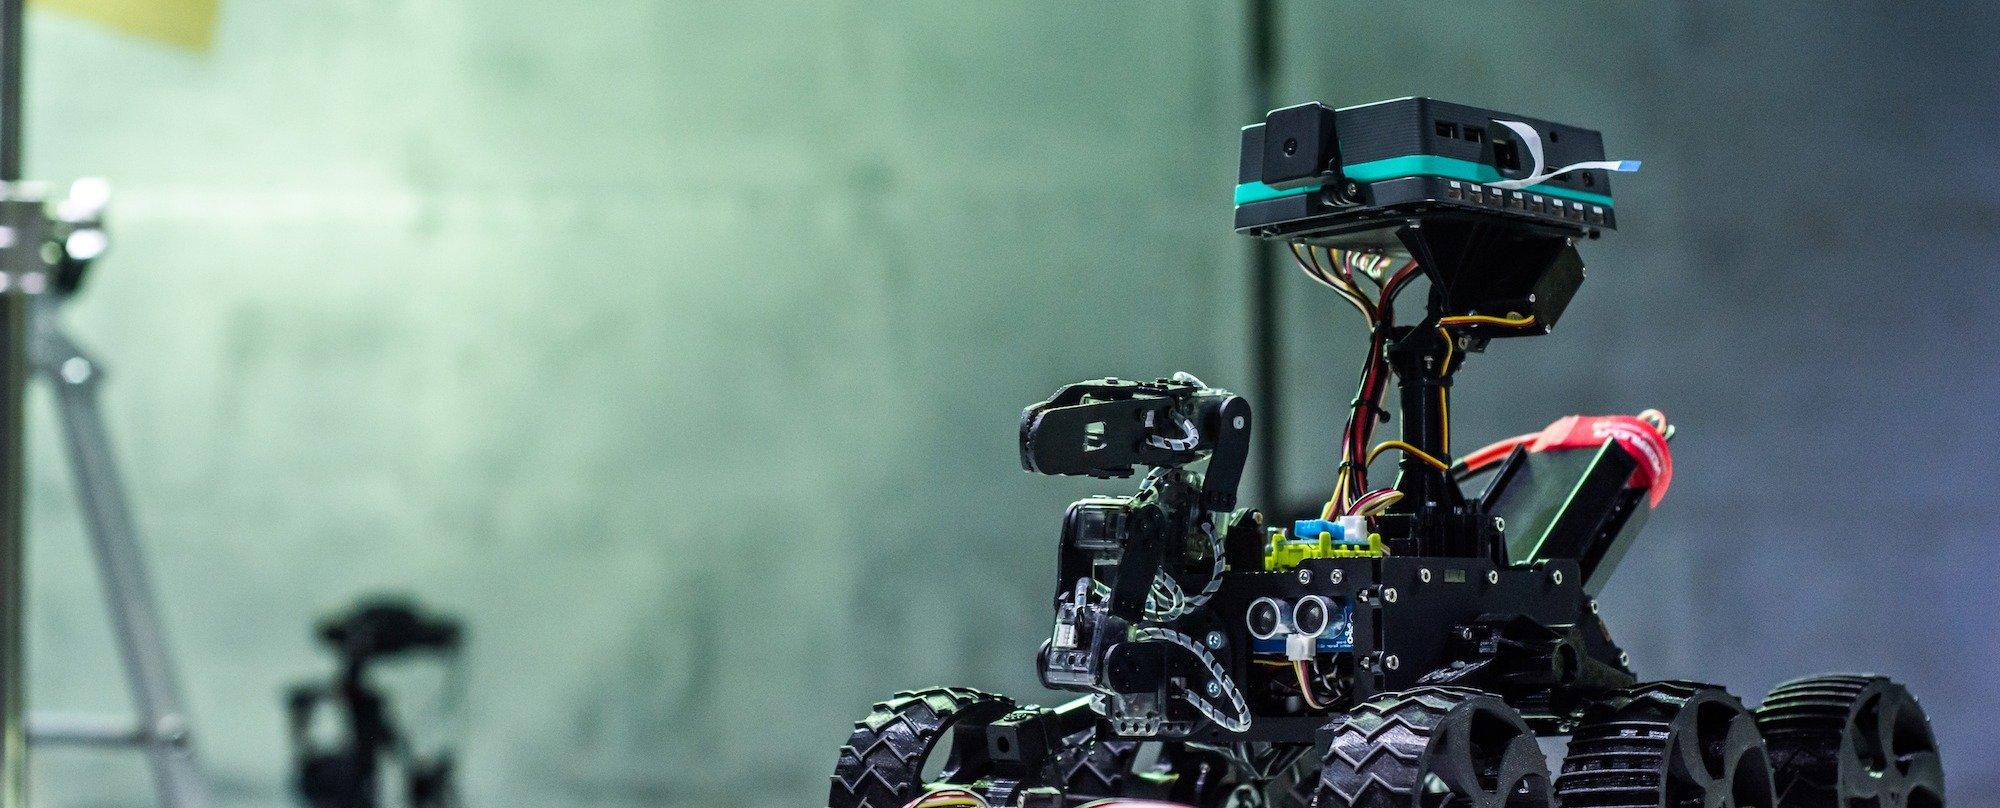 pi-top [4] — конструктор роботов для детей и взрослых на основе Raspberry Pi - 1